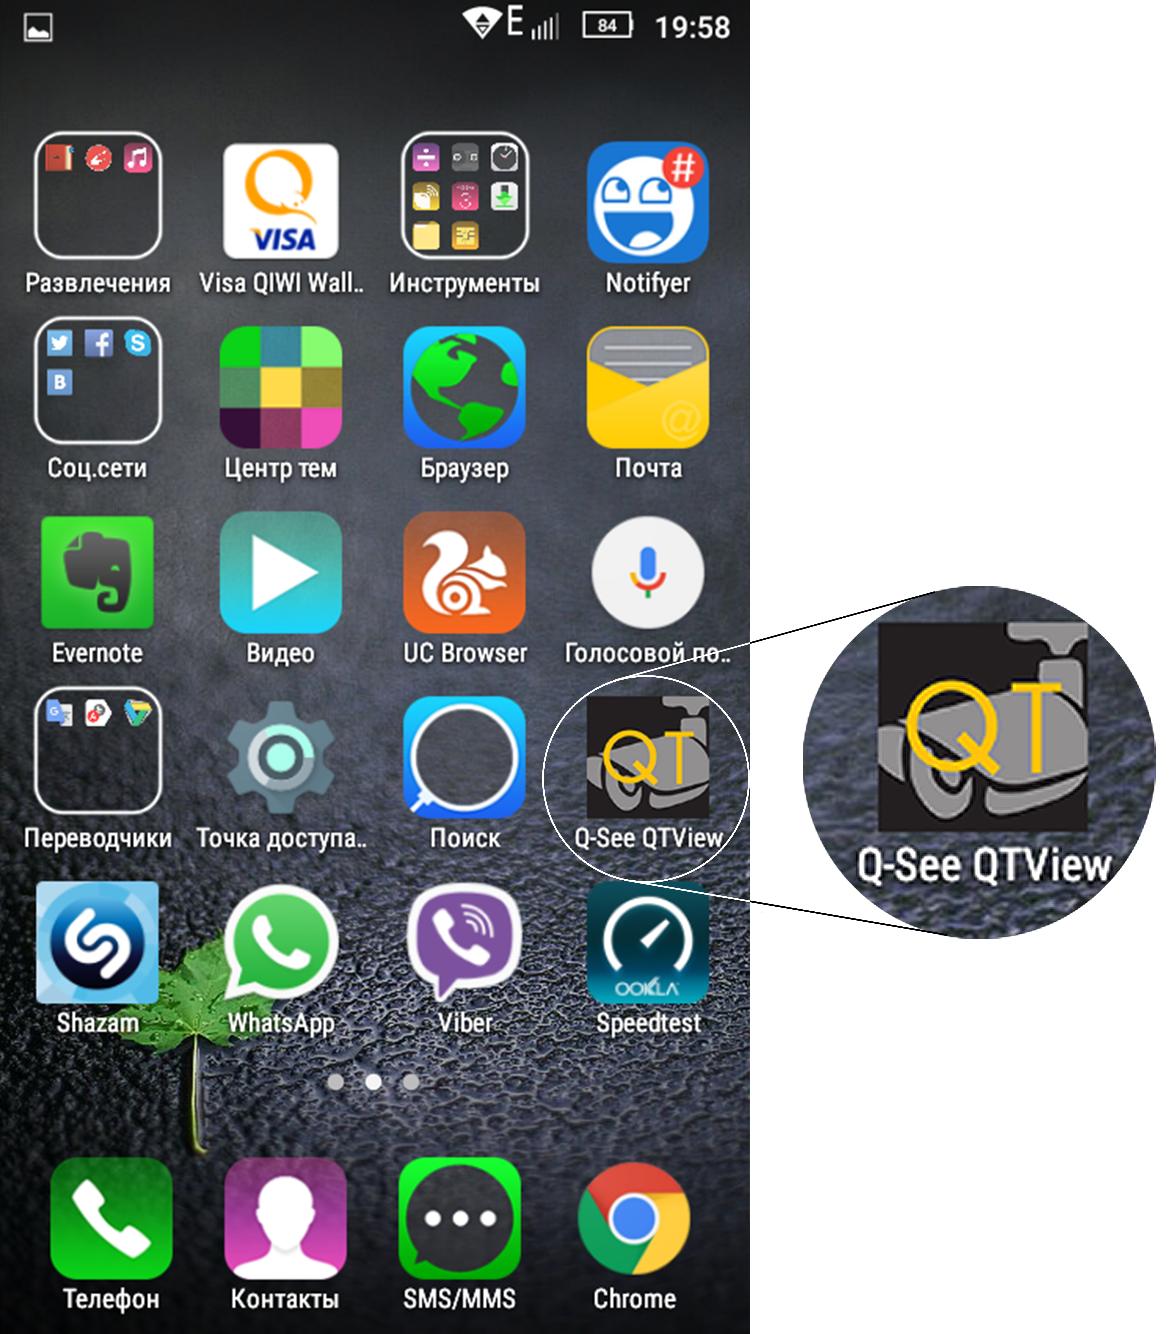 Установите программу Q-See QT View из Google Play